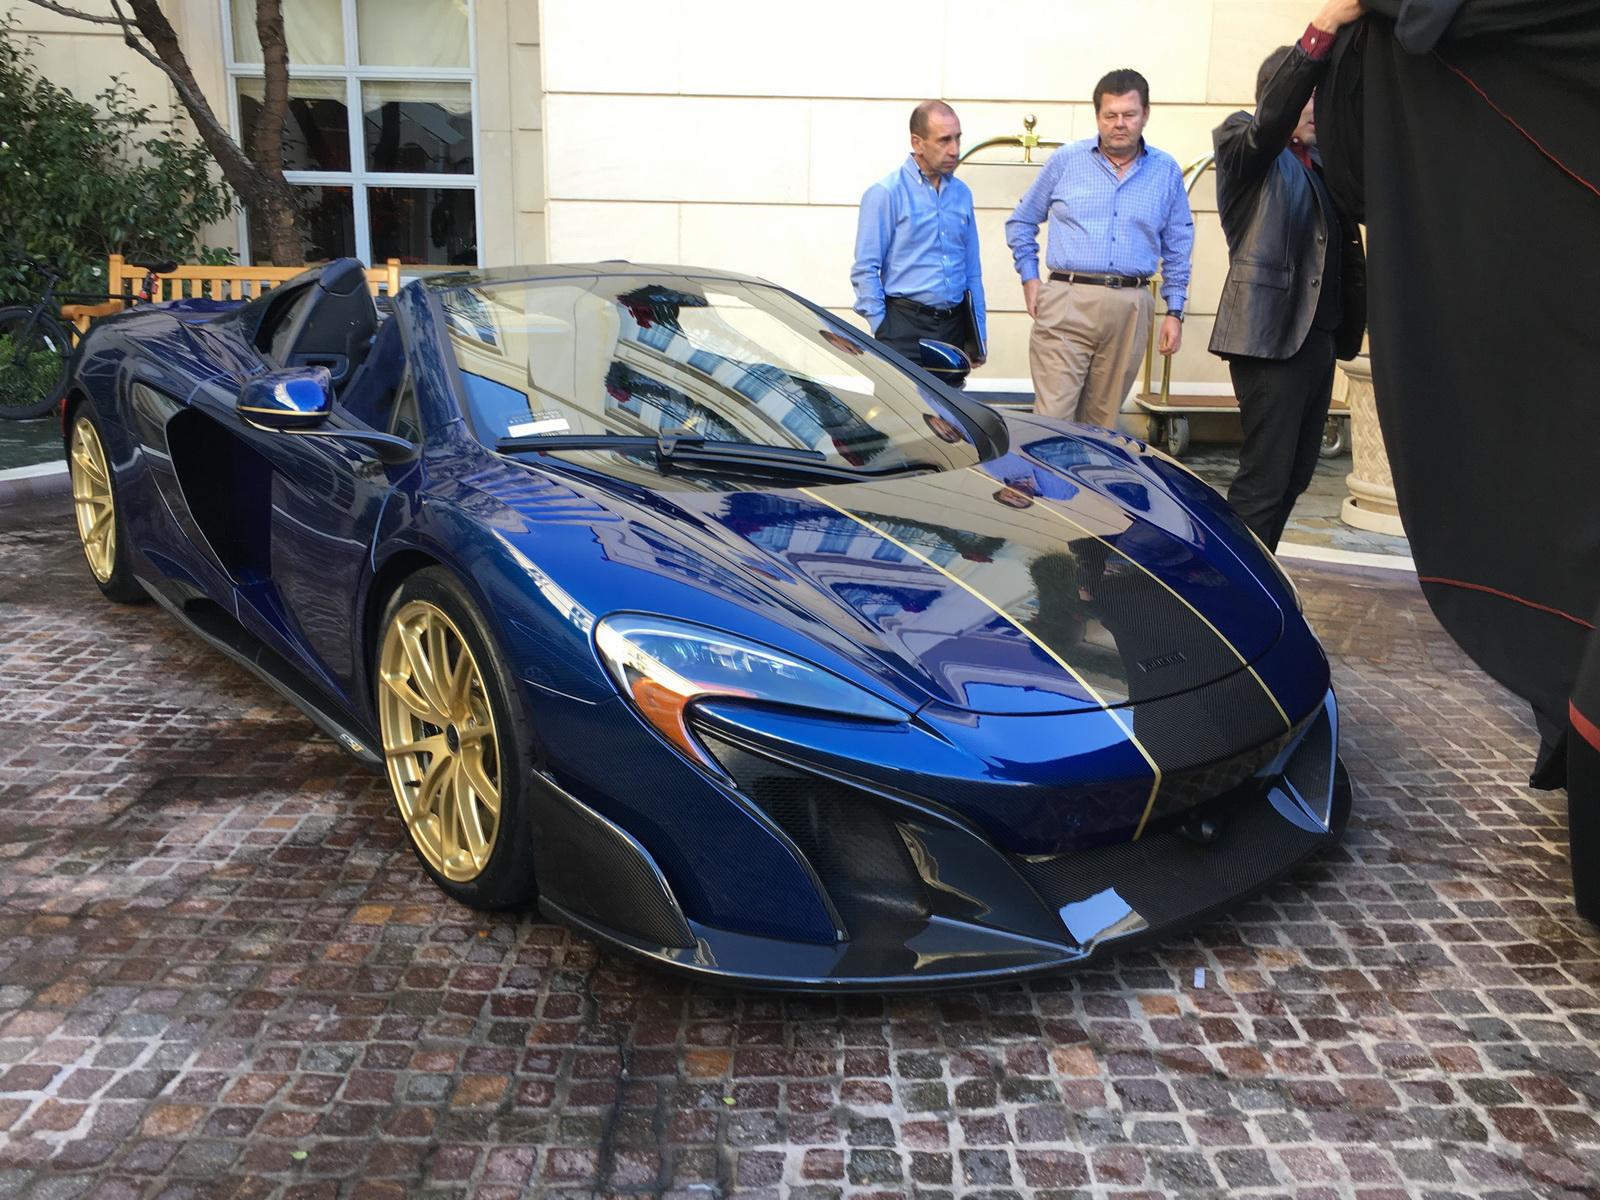 World S Most Expensive Mclaren 675lt Has Wheel Weights